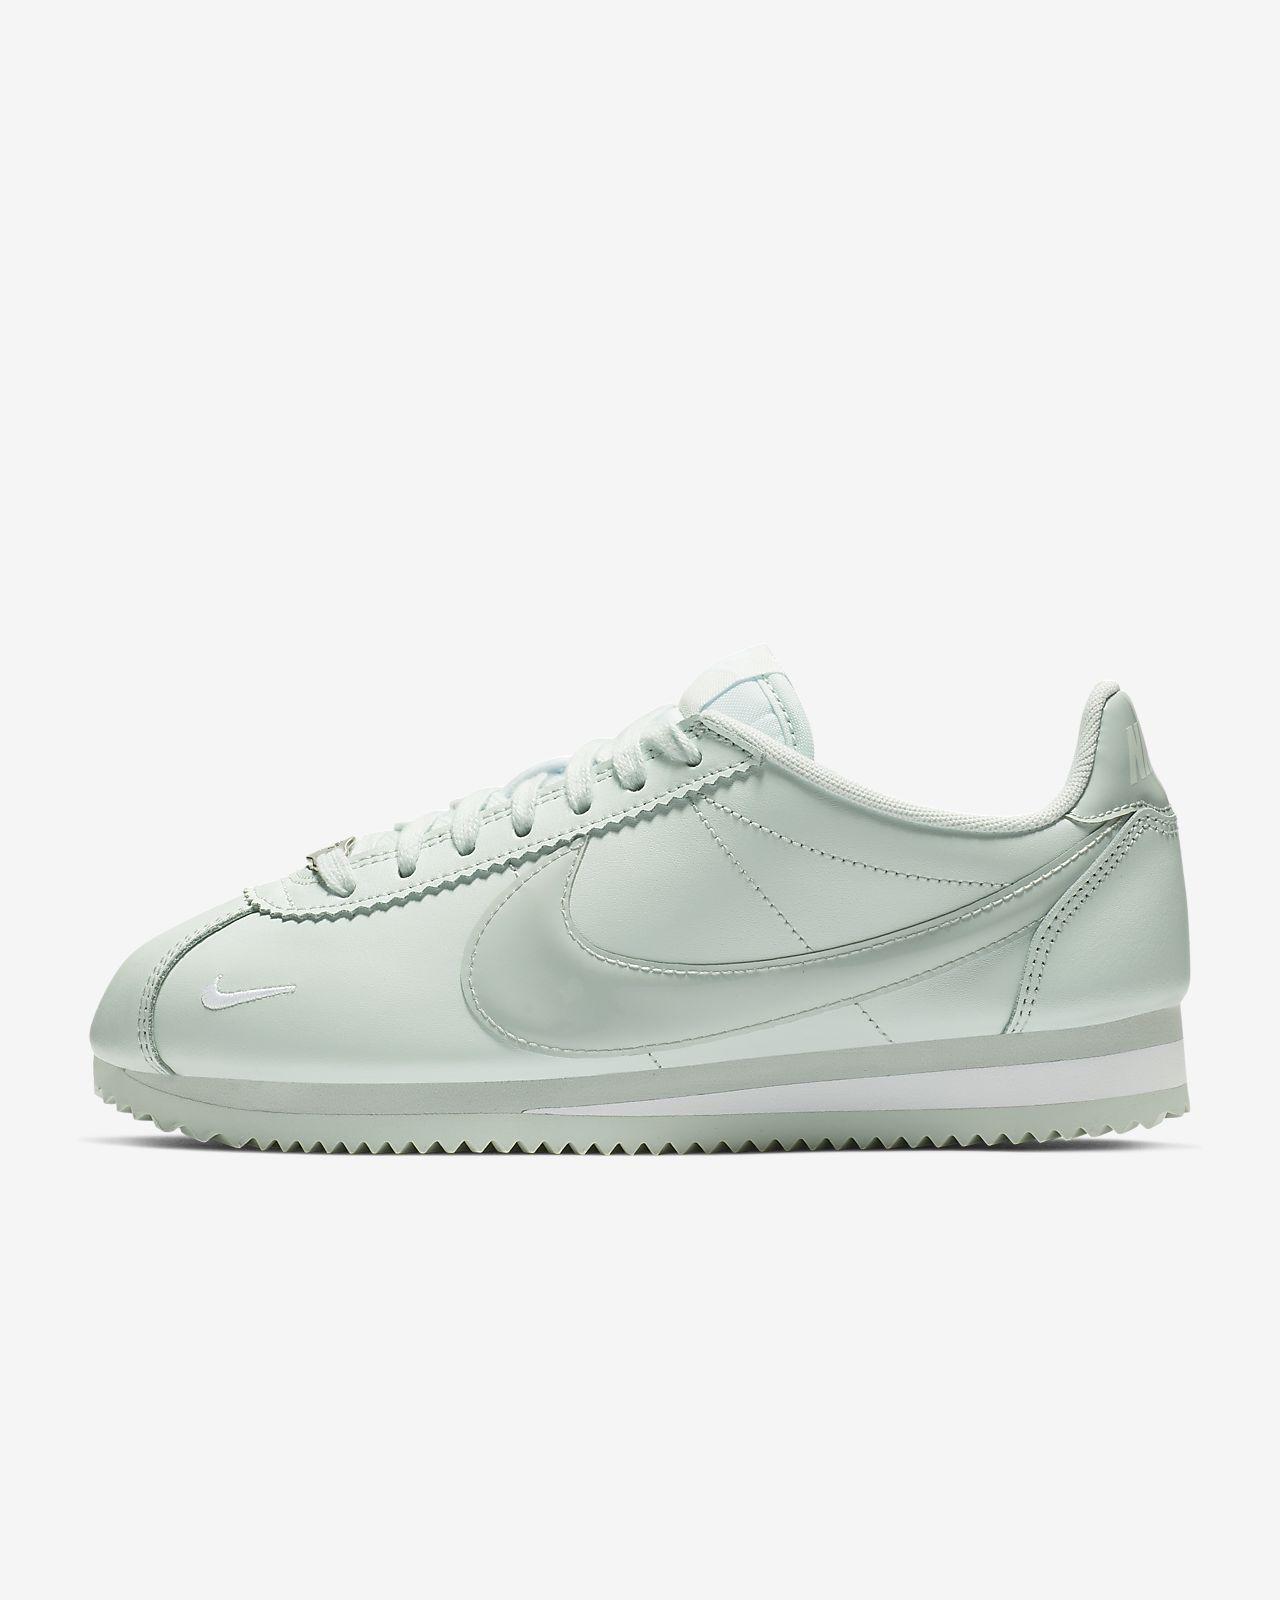 separation shoes 8f86d 9fdde ... Chaussure Nike Classic Cortez Premium pour Femme